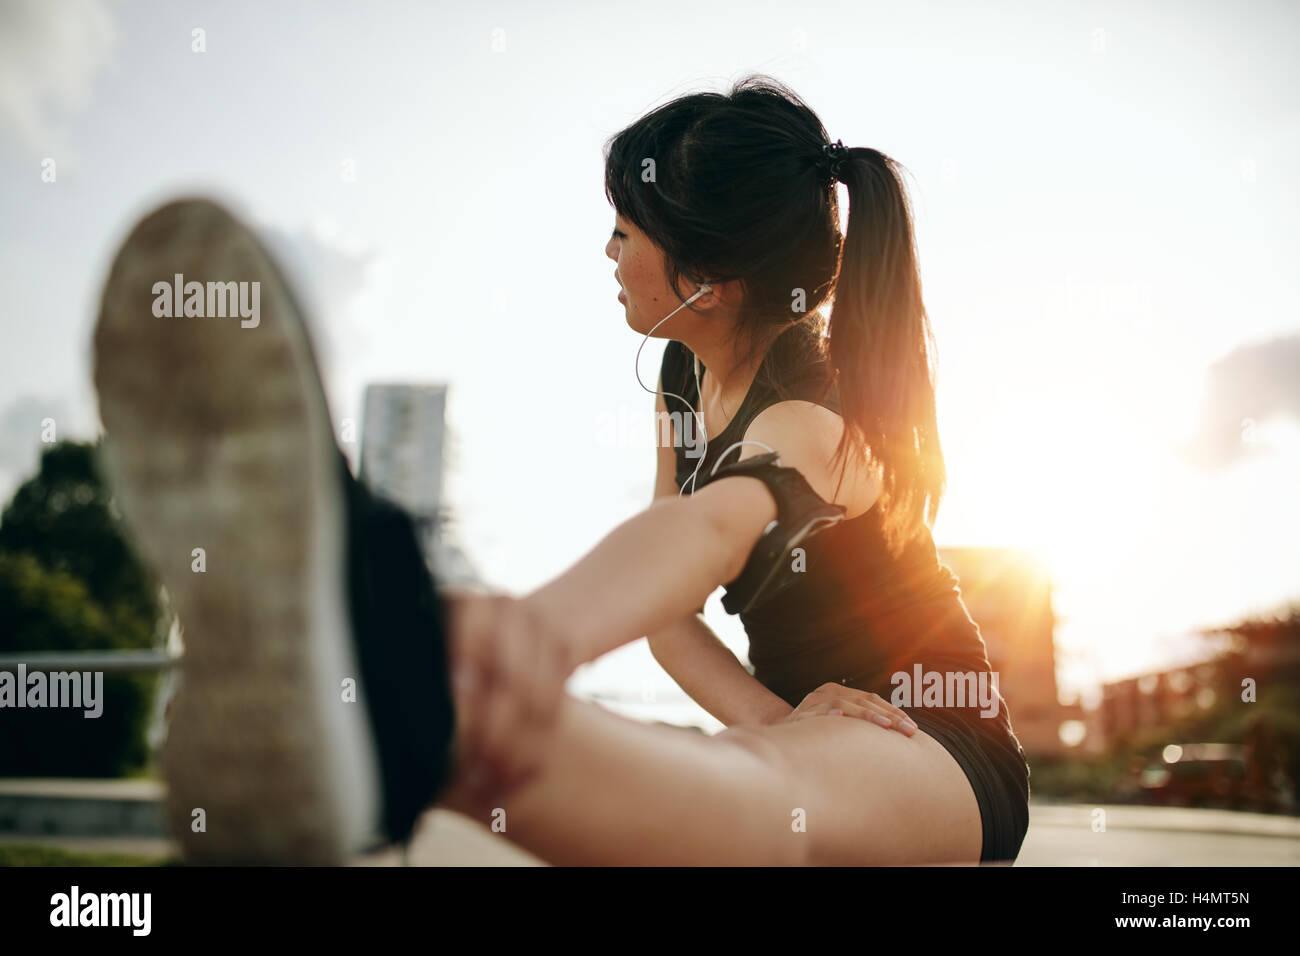 Colpo di giovane donna stretching le gambe dopo una corsa in città. Femminile di esercitare nella mattina. Immagini Stock